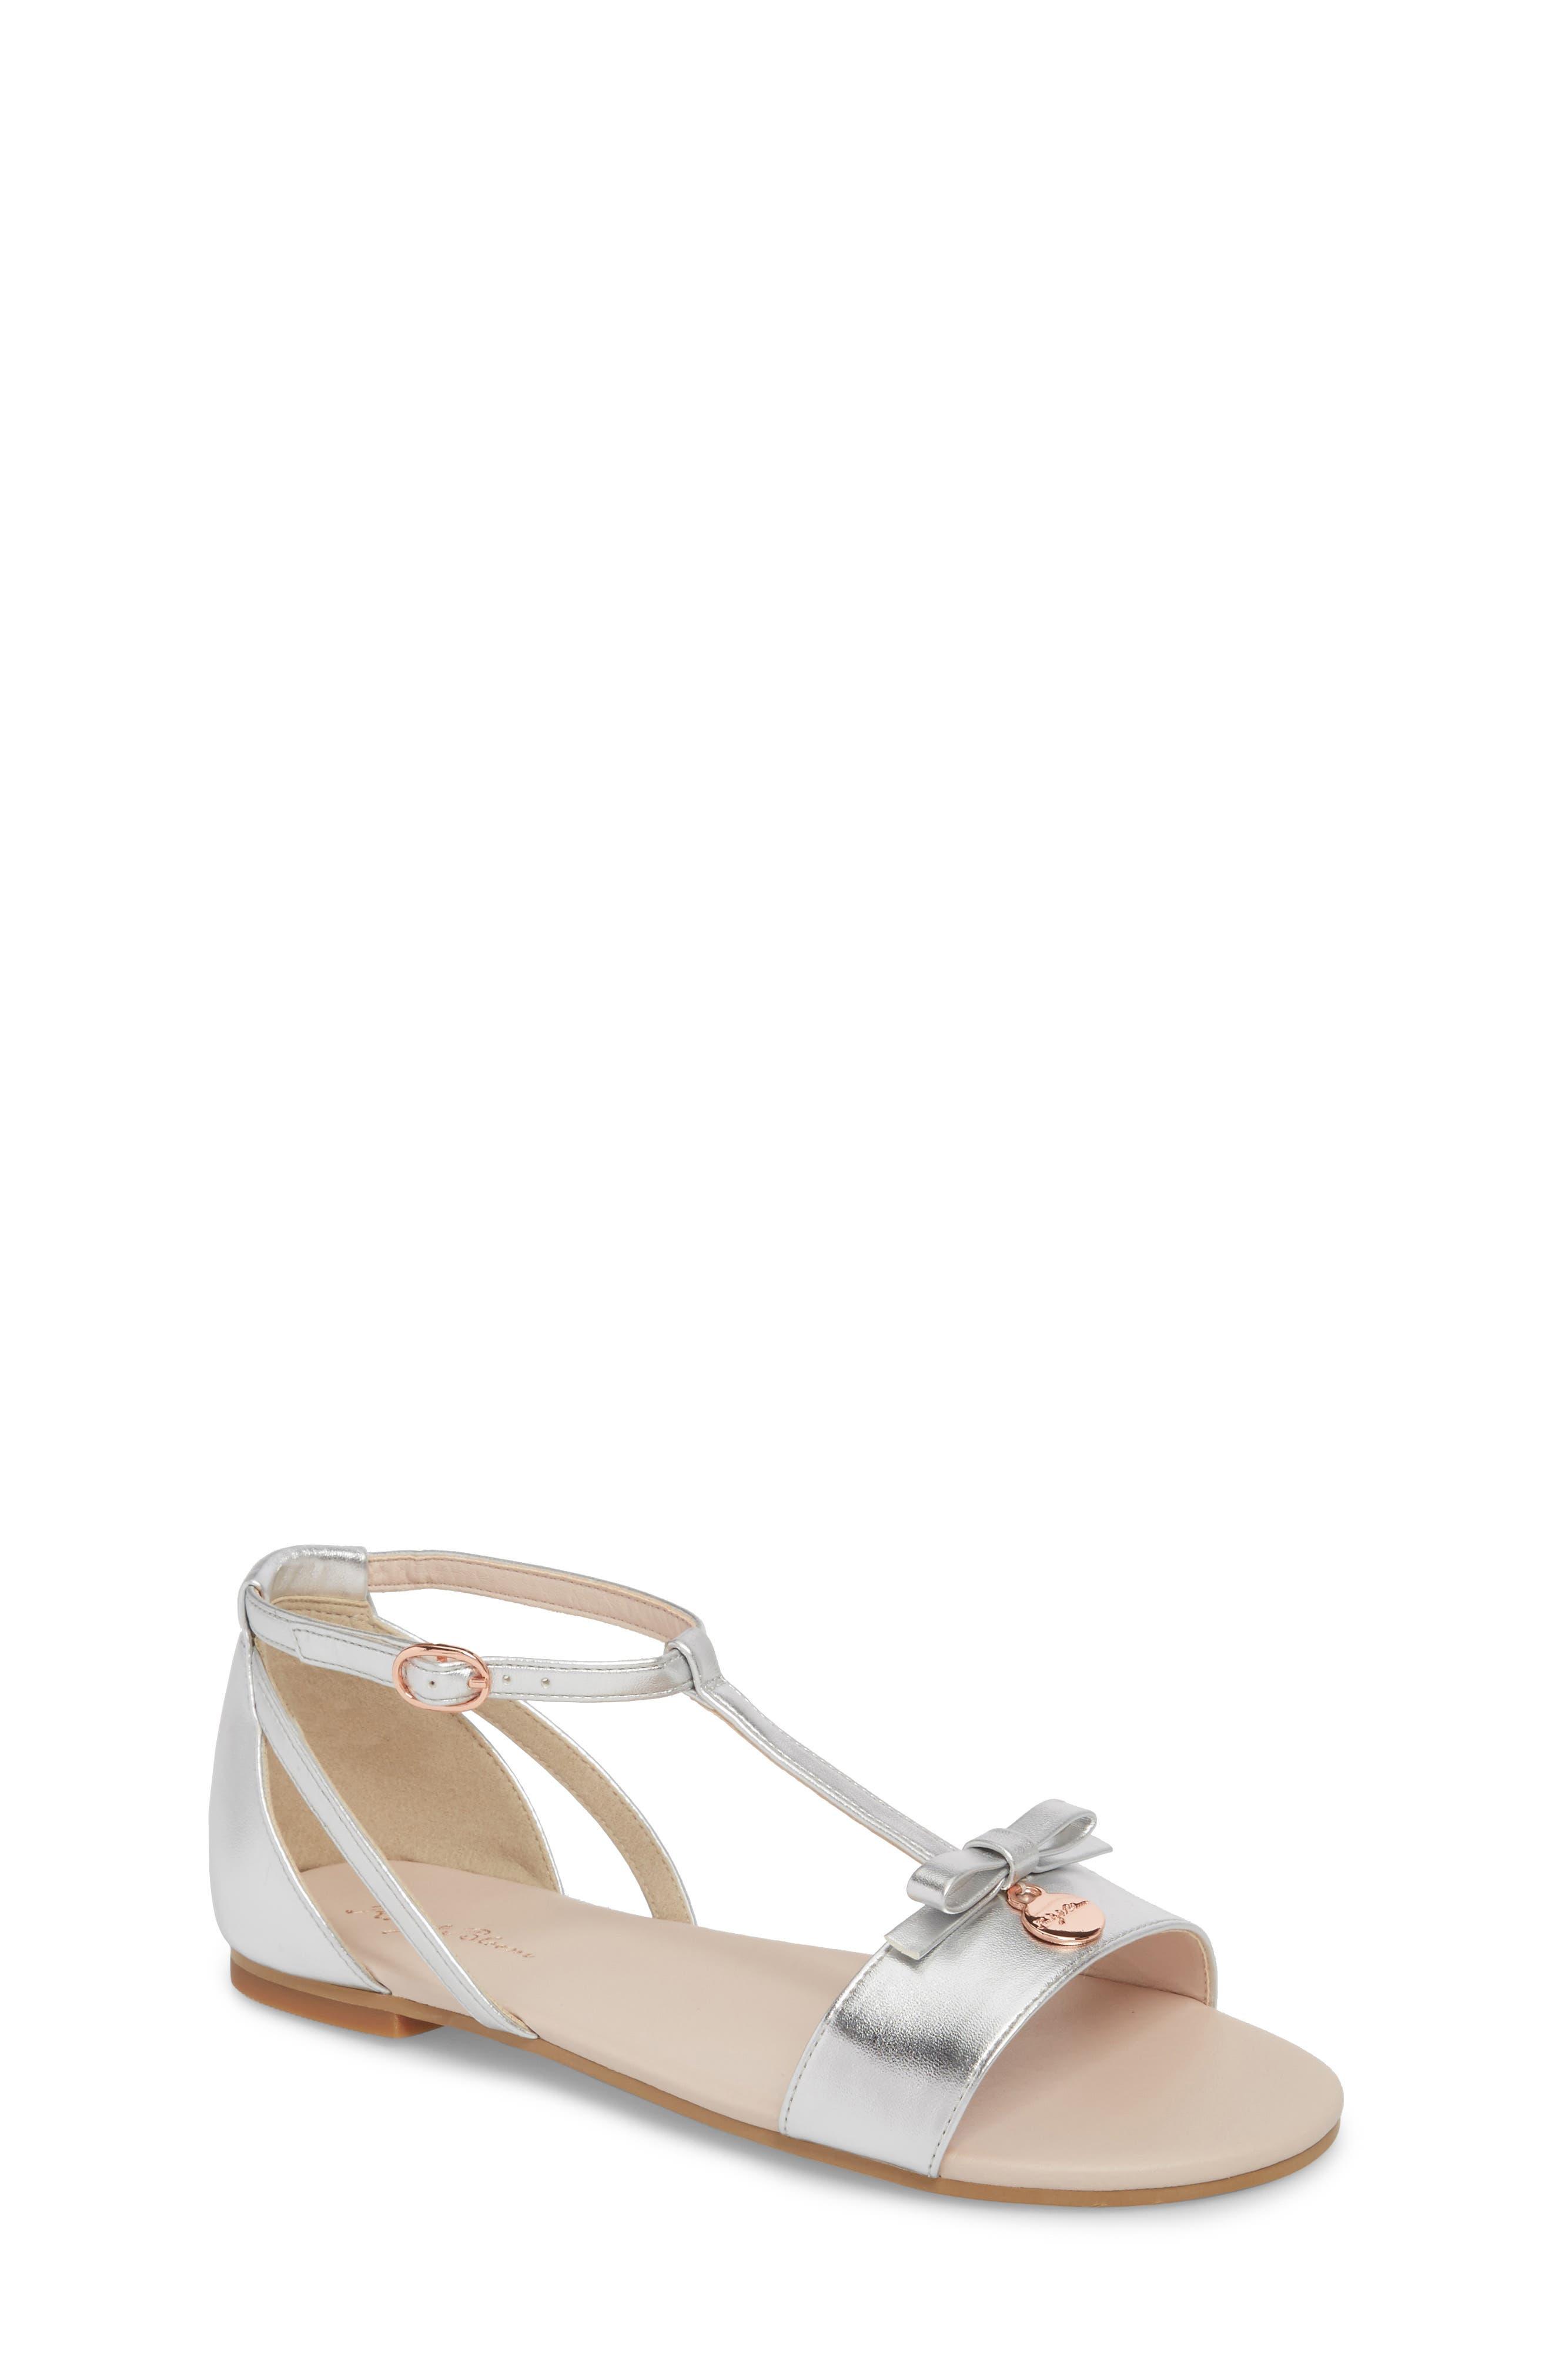 Valentina Metallic T-Strap Sandal,                             Main thumbnail 1, color,                             040